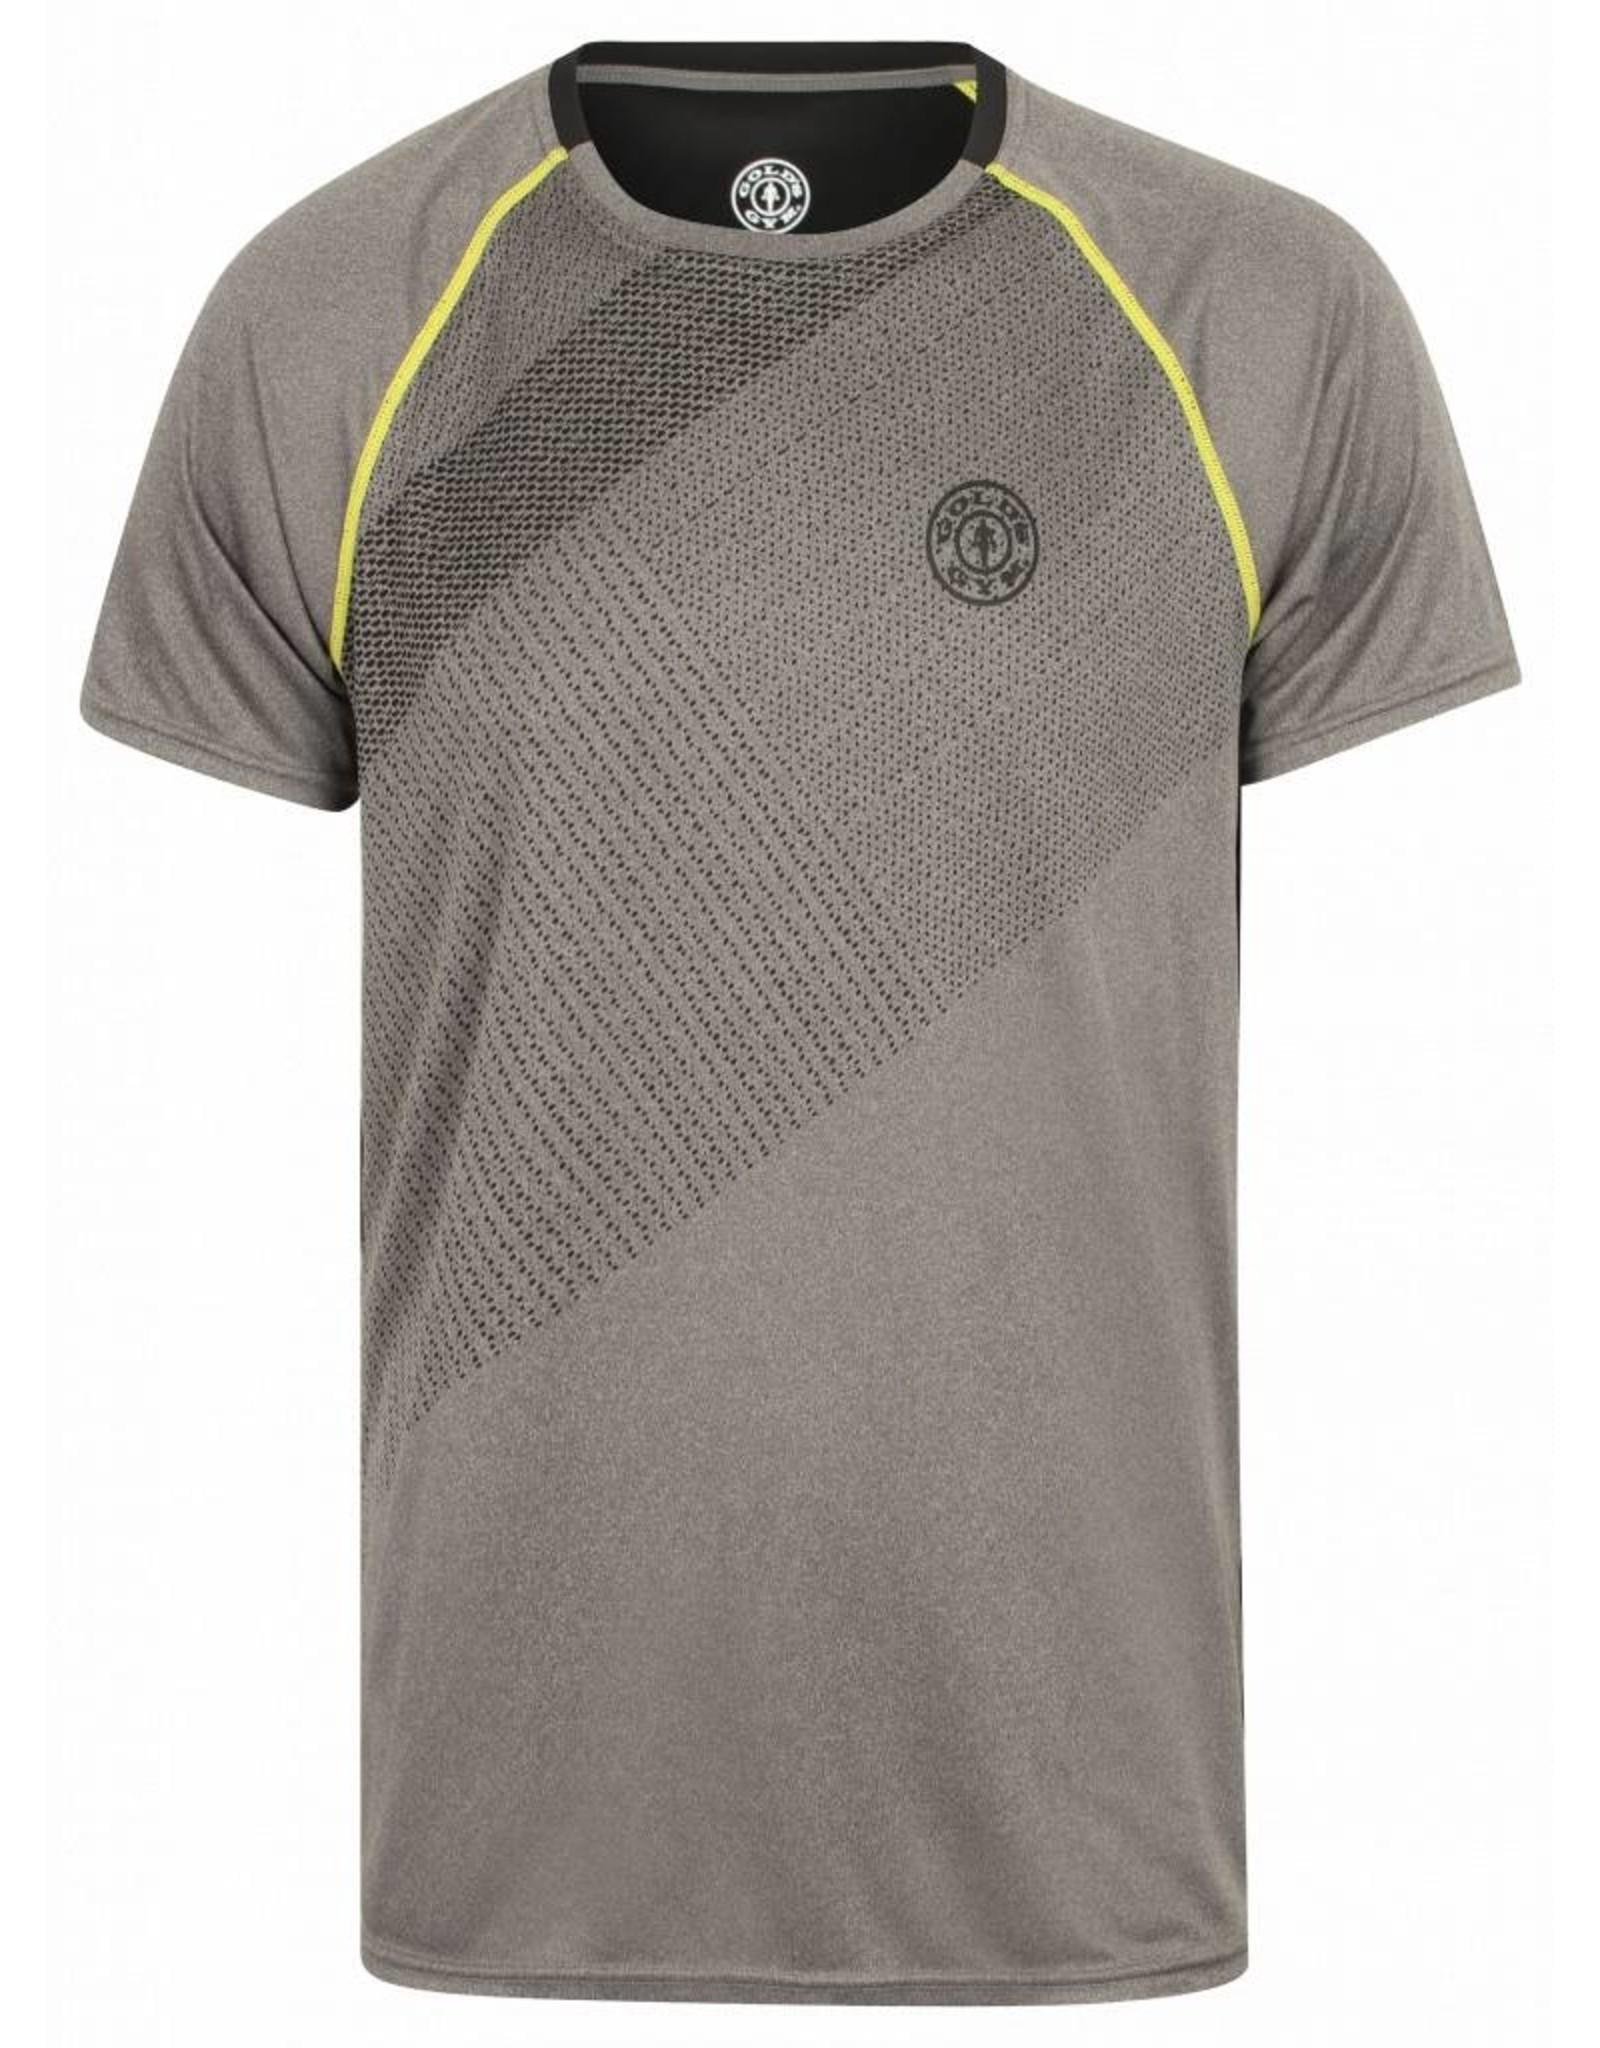 Gold's Gym Crew Neck Performance T-shirt - Grijs/Zwart